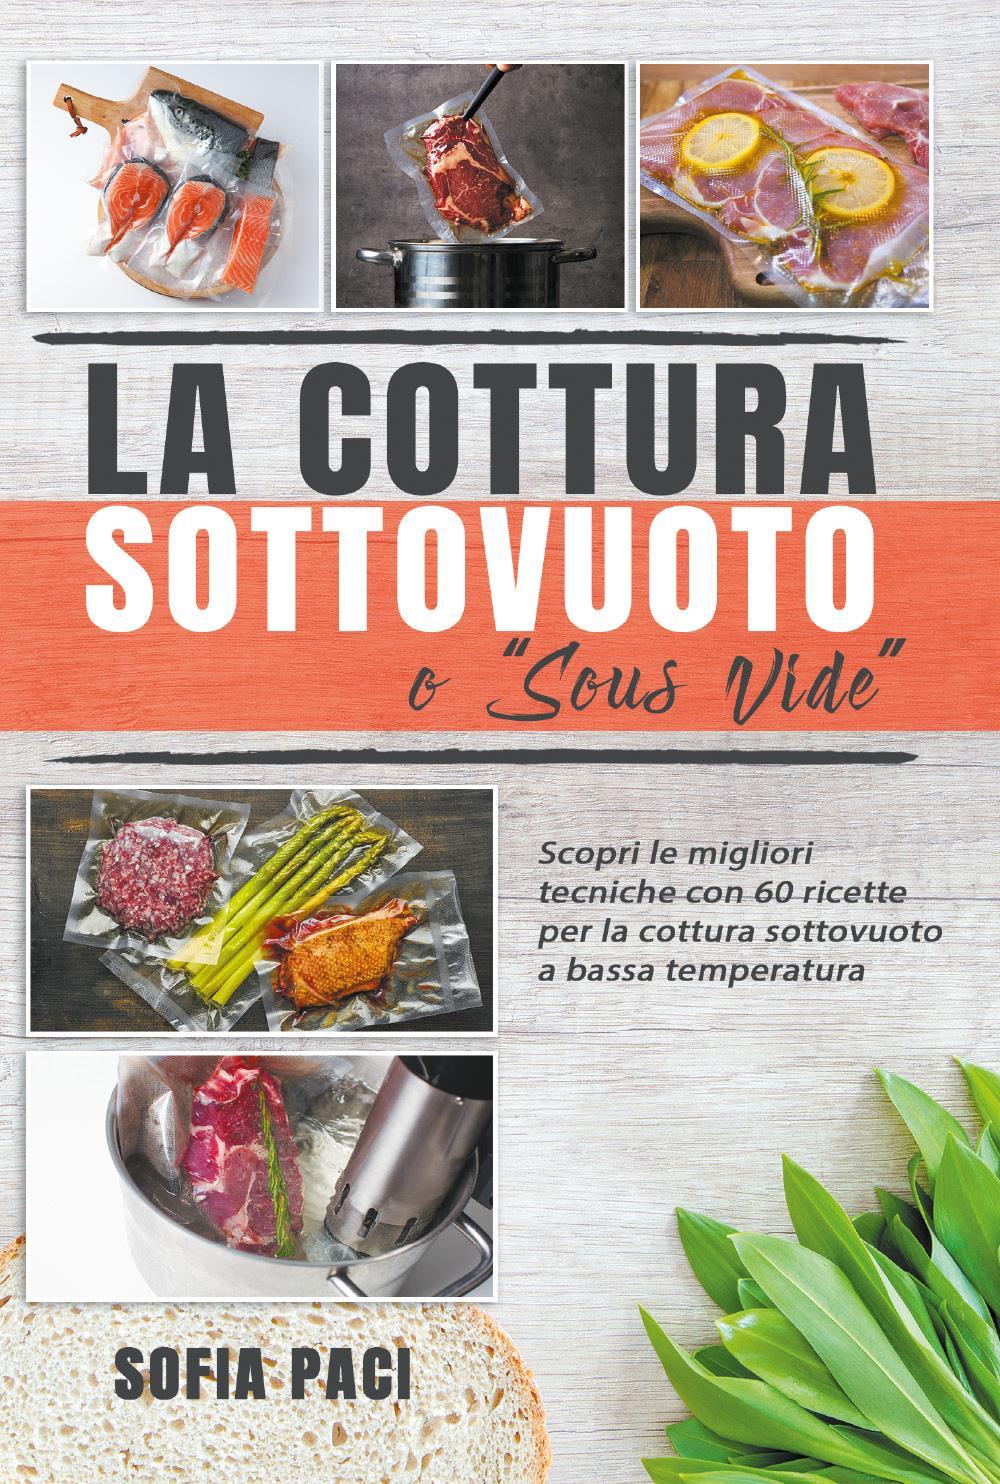 """La Cottura Sottovuoto o """"Sous-Vide"""". Scopri le migliori tecniche con 60 ricette per la cottura sottovuoto a bassa temperatura"""